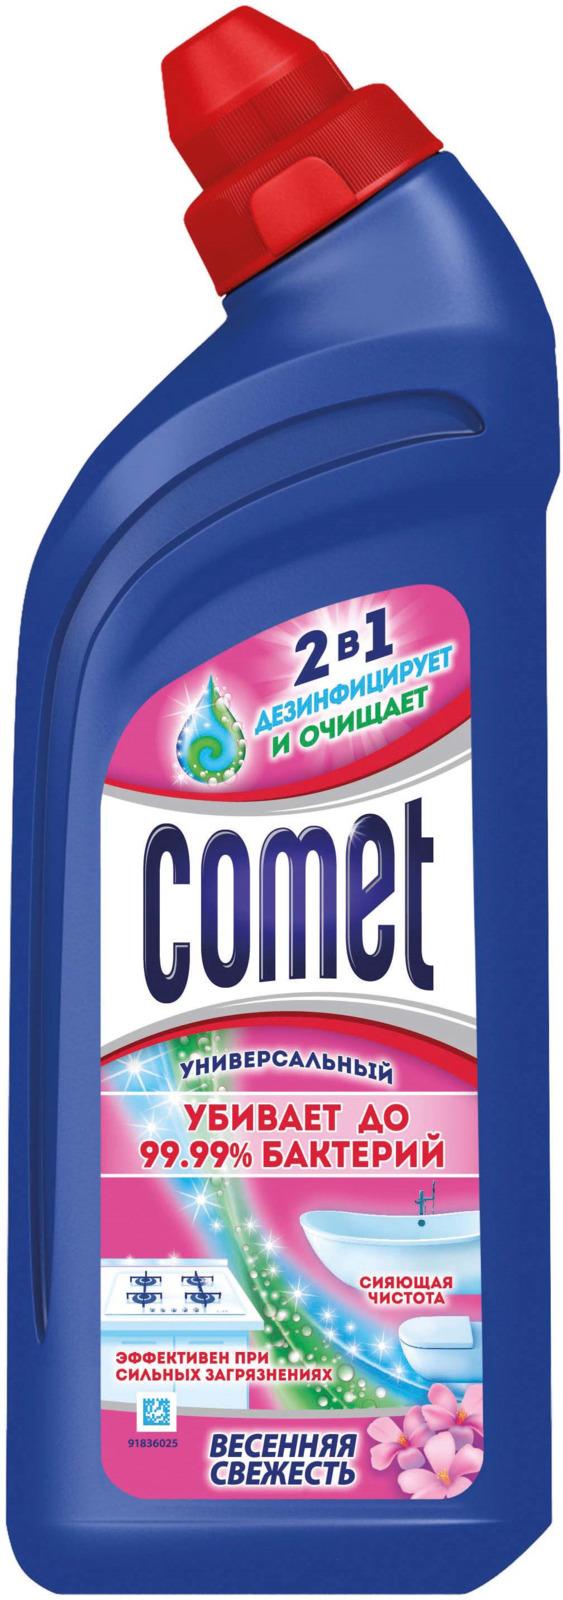 Универсальный чистящий гель Comet Двойной эффект, весенняя свежесть, 500 мл comet чистящий гель лимон 500мл